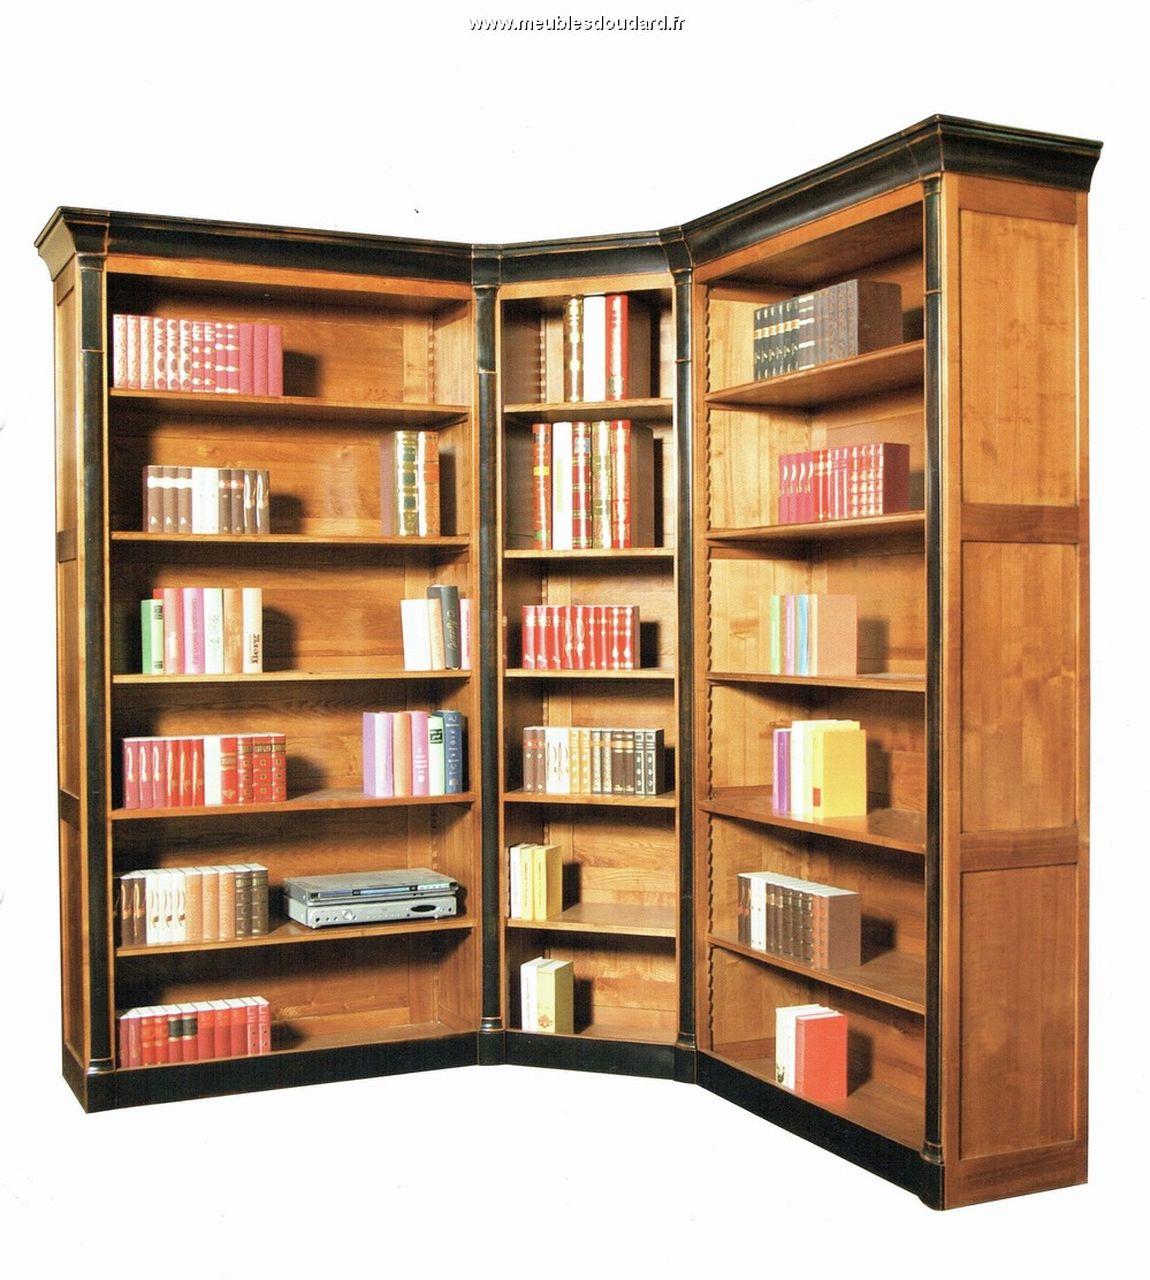 Biblioth que sur mesures en bois massif meuble sur mesures for Meuble bois massif sur mesure